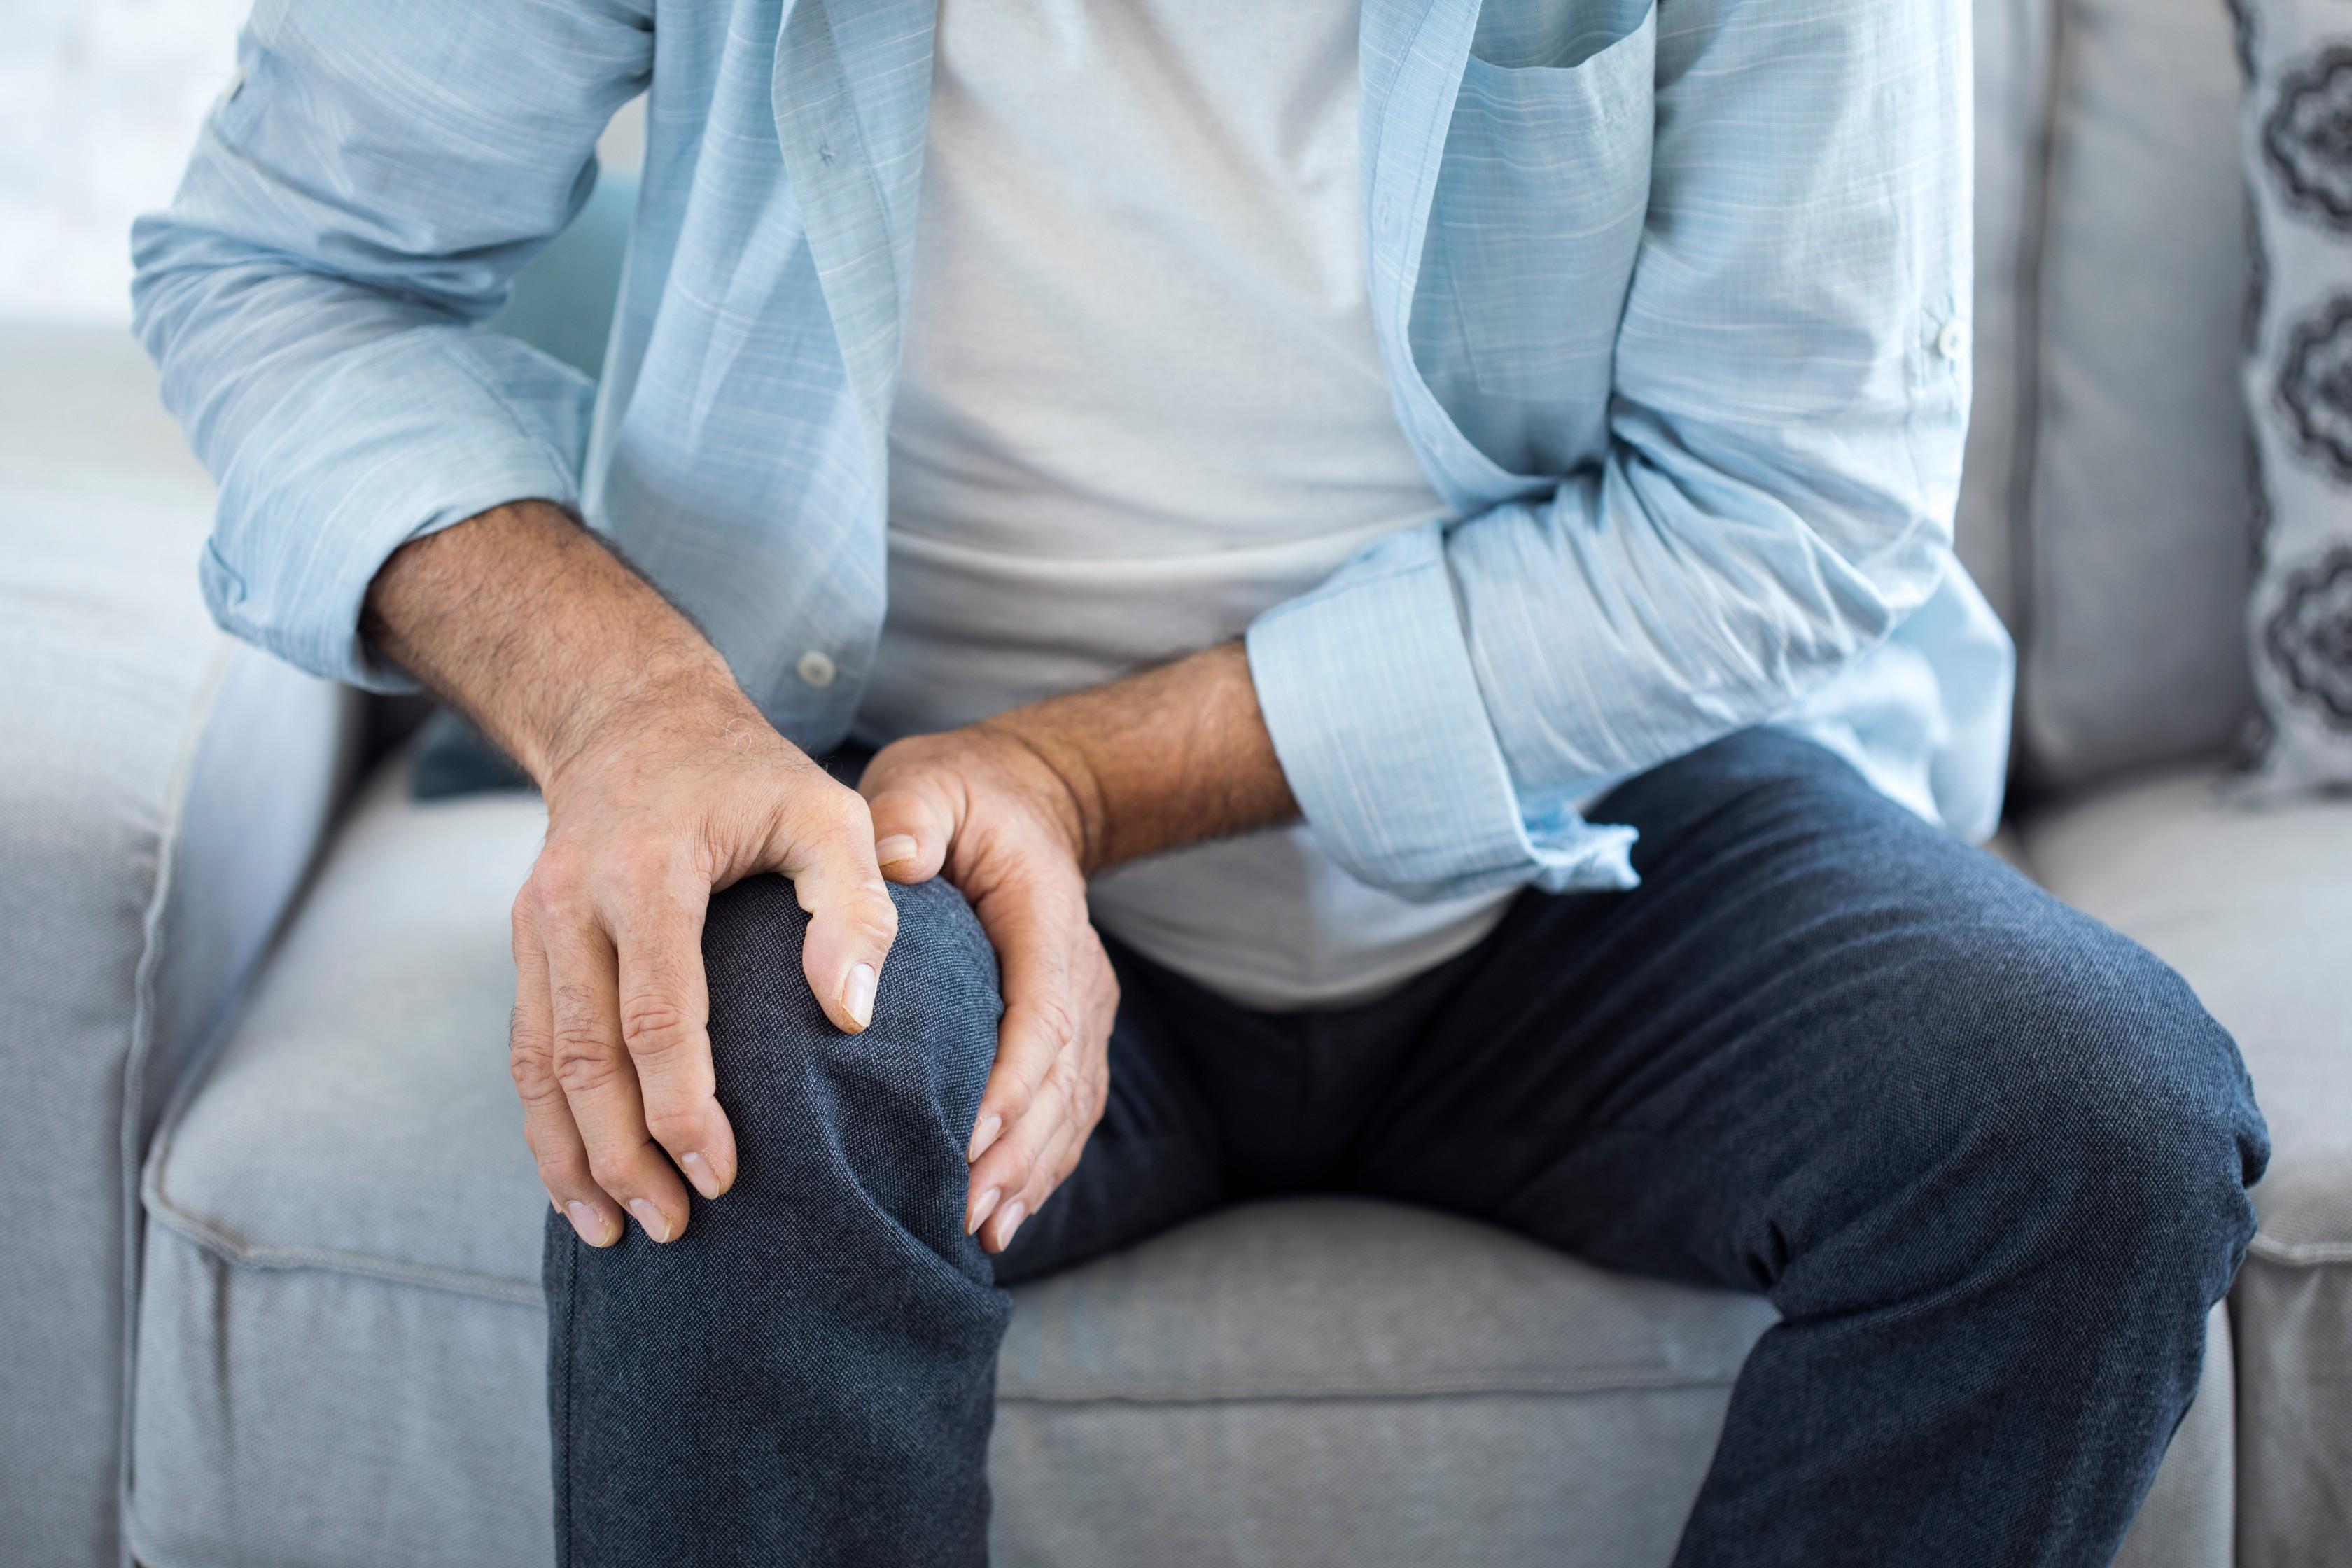 izomfájdalom a karban vagy ízületben terápiás kenőcsök artrózis kezelésében